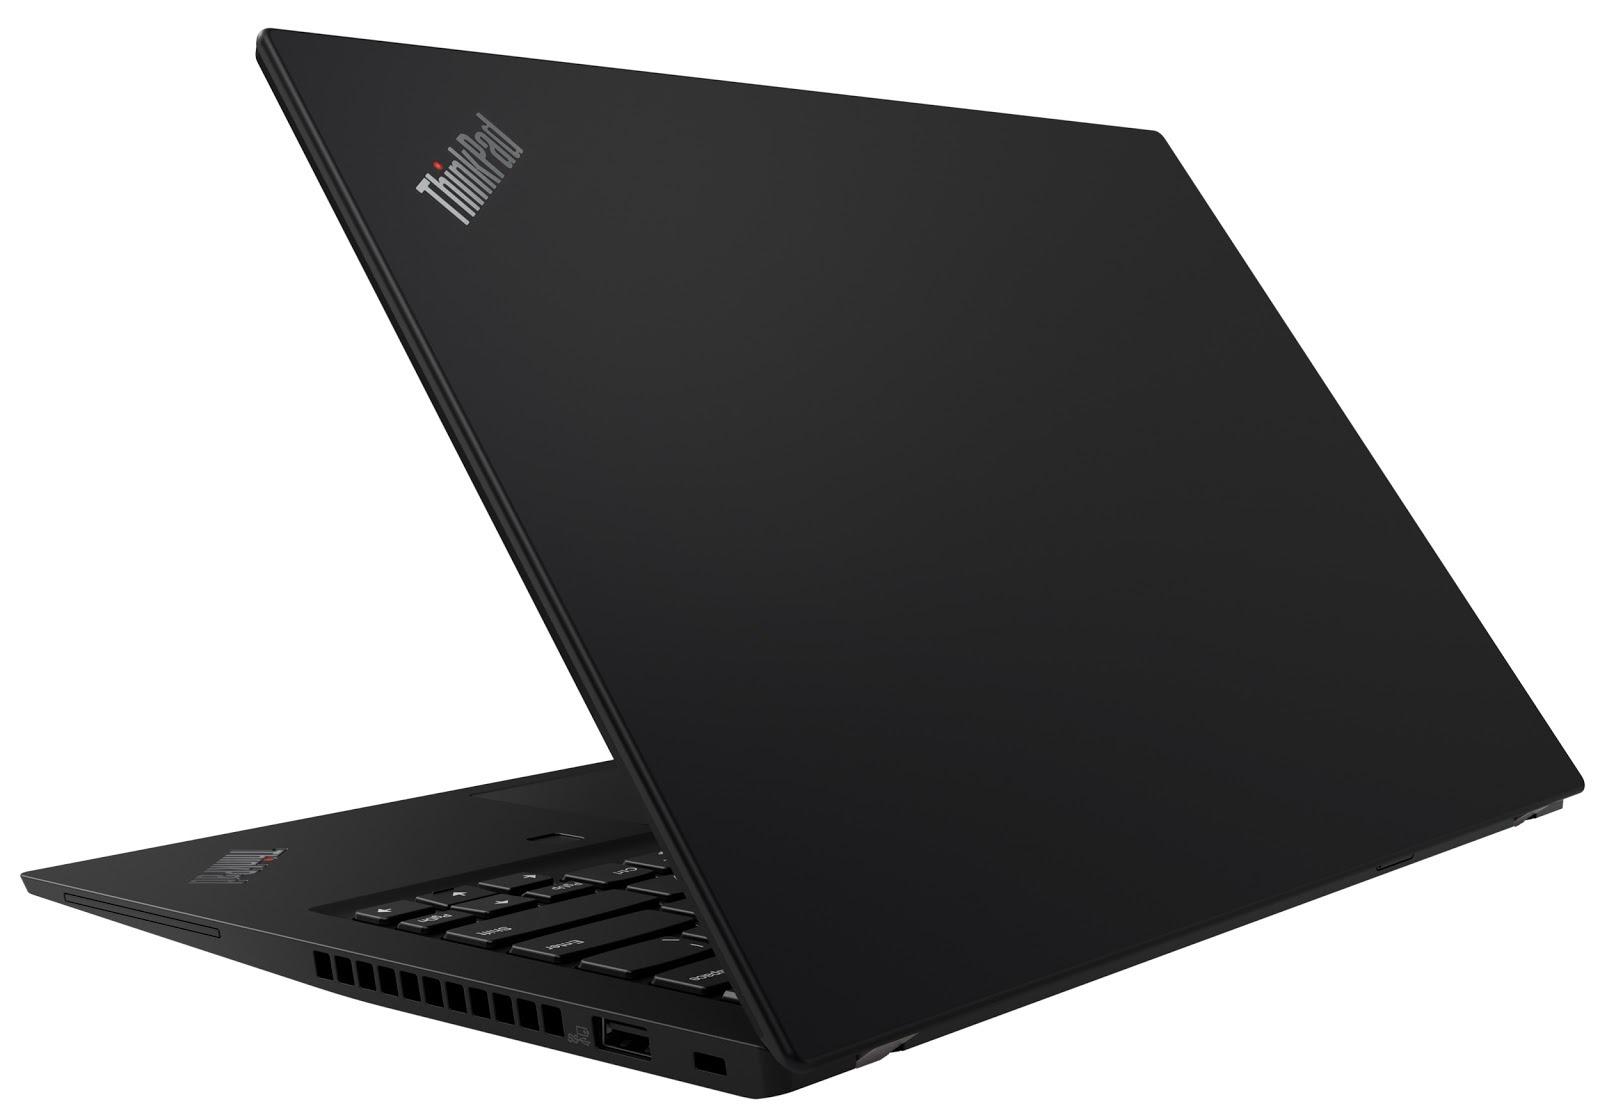 Фото 1. Ноутбук Lenovo ThinkPad T490s (20NX003NRT)